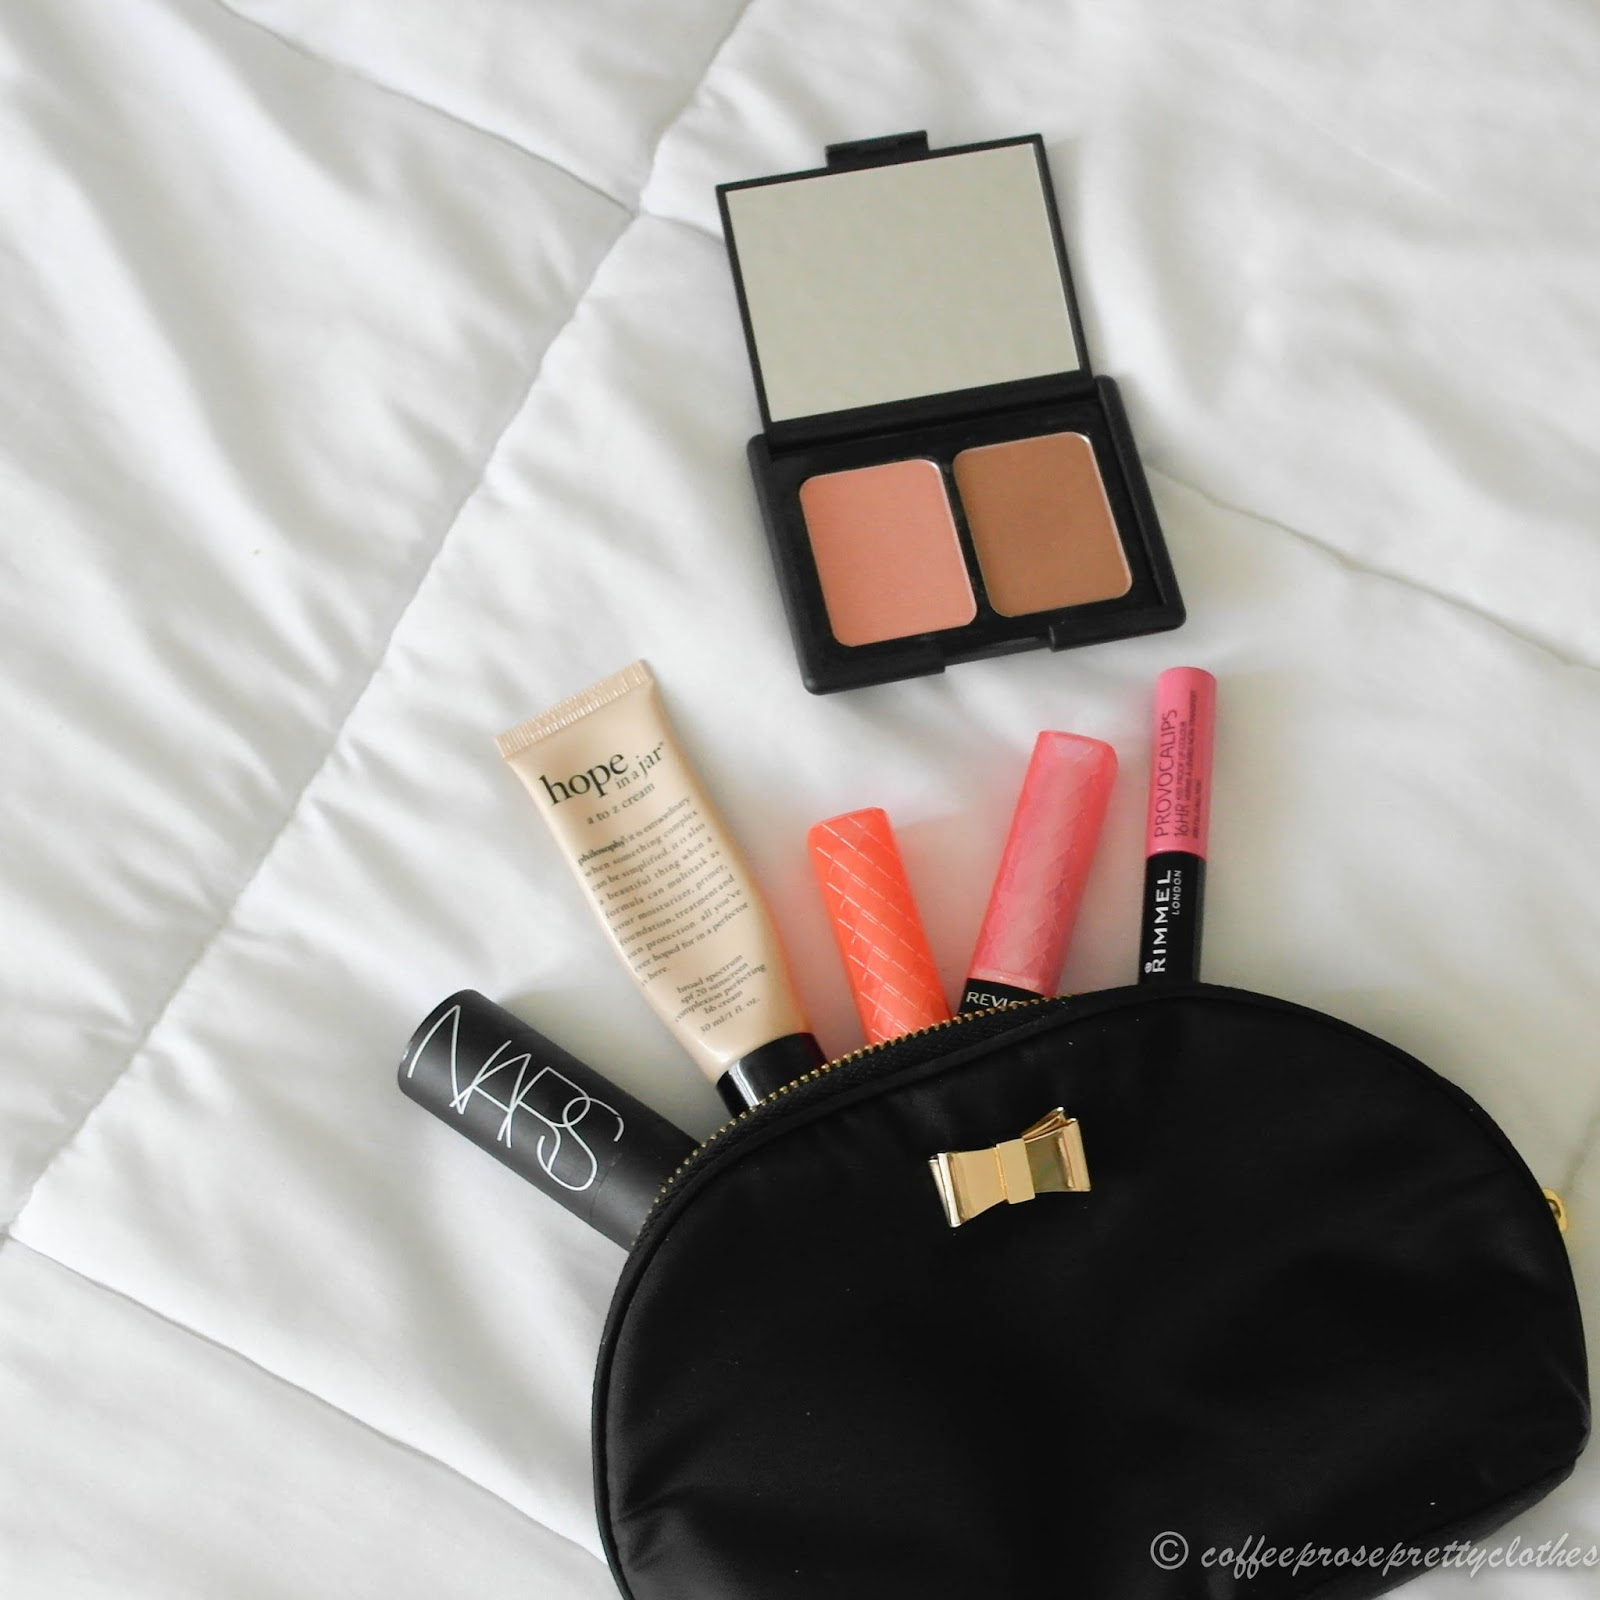 Philosophy A-Z Cream, Revlon Lip Butter, ELF contour palette